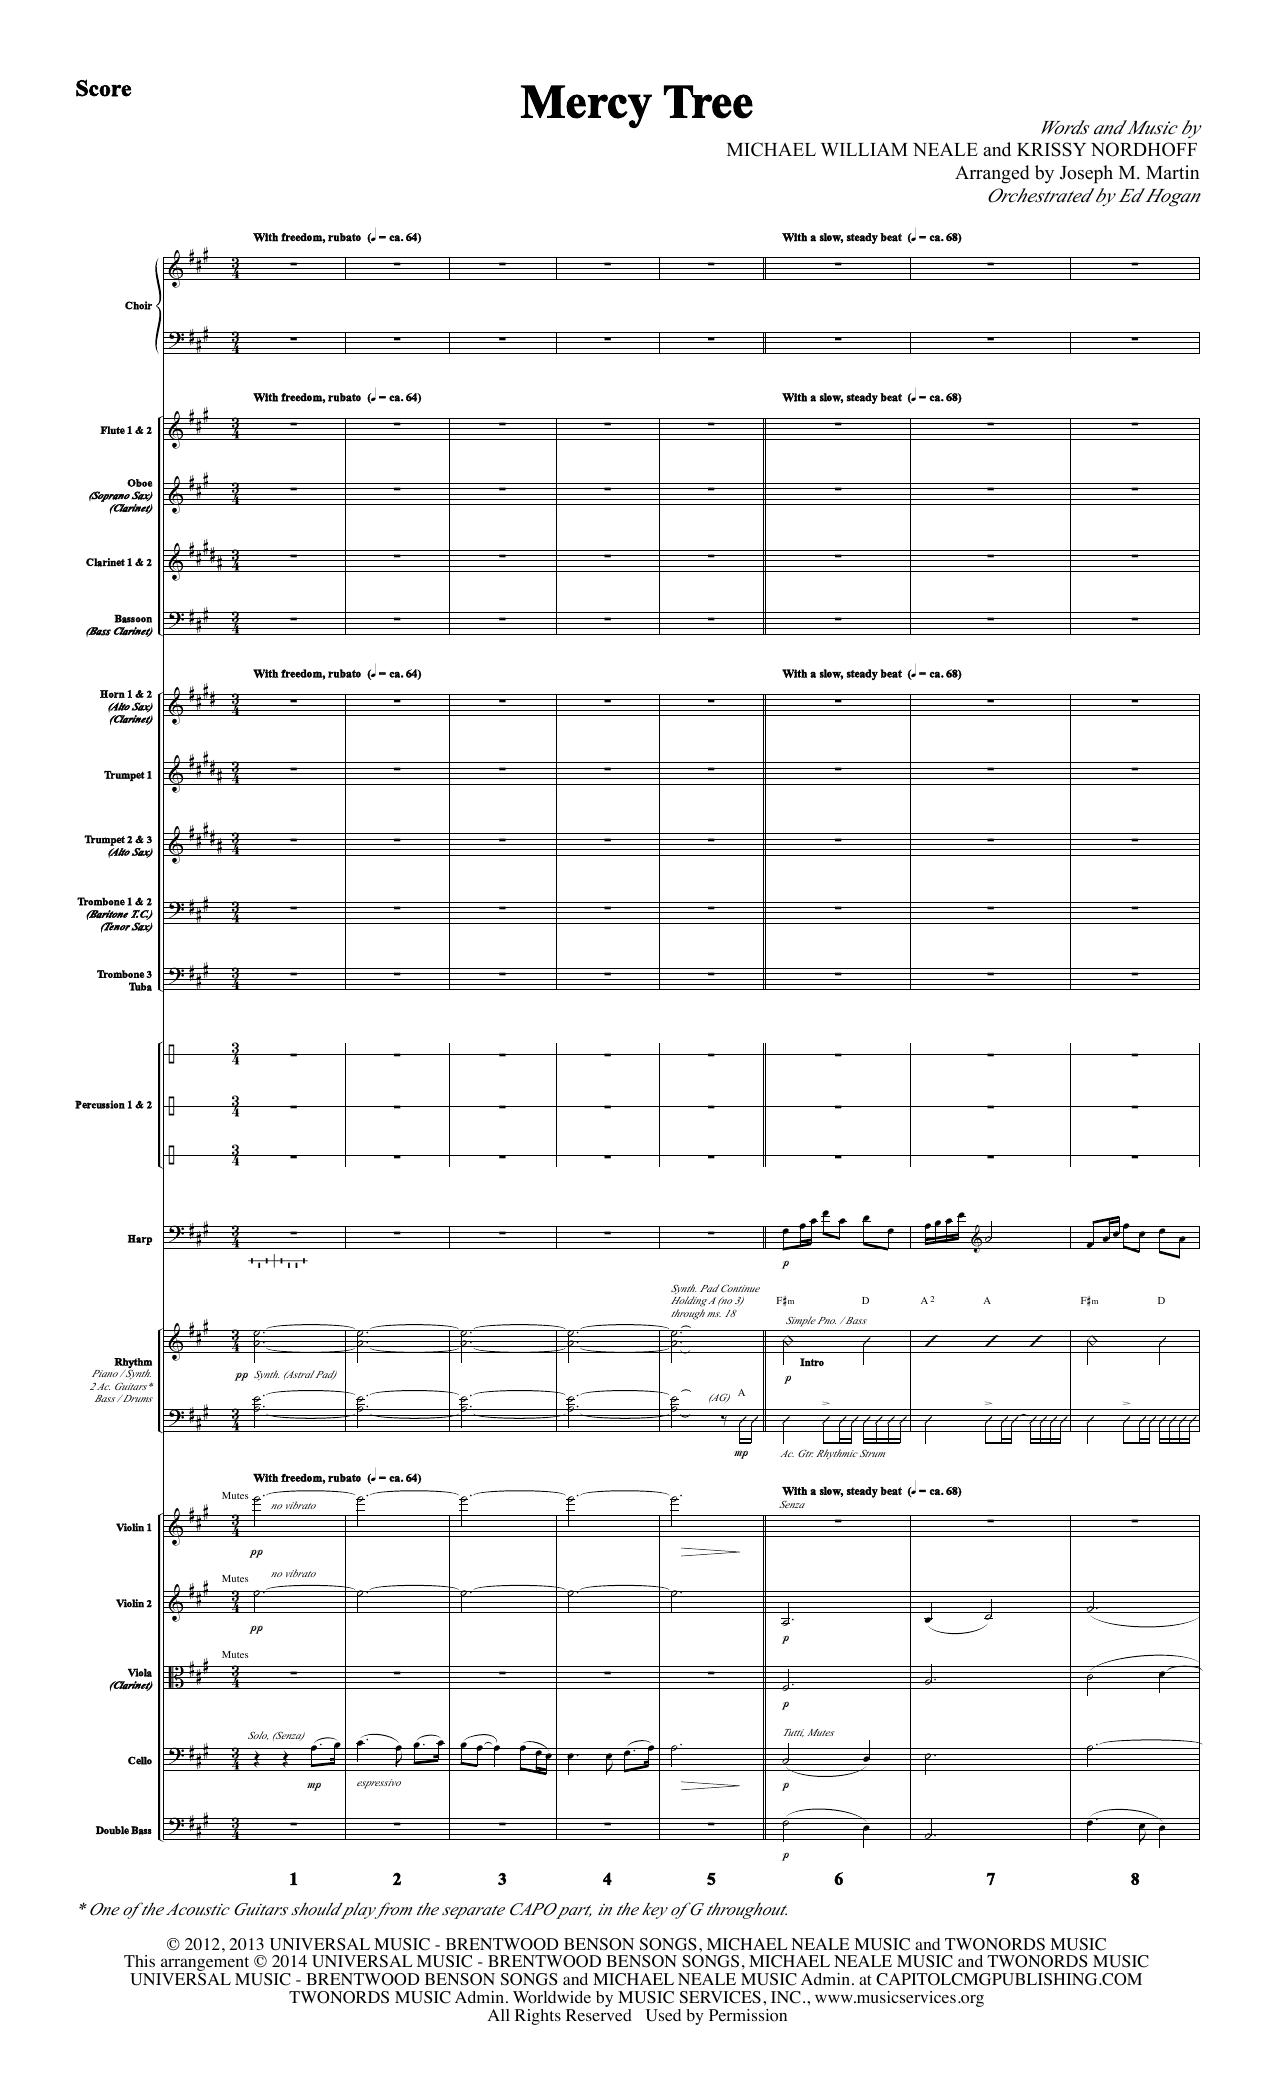 Mercy Tree - Full Score Sheet Music